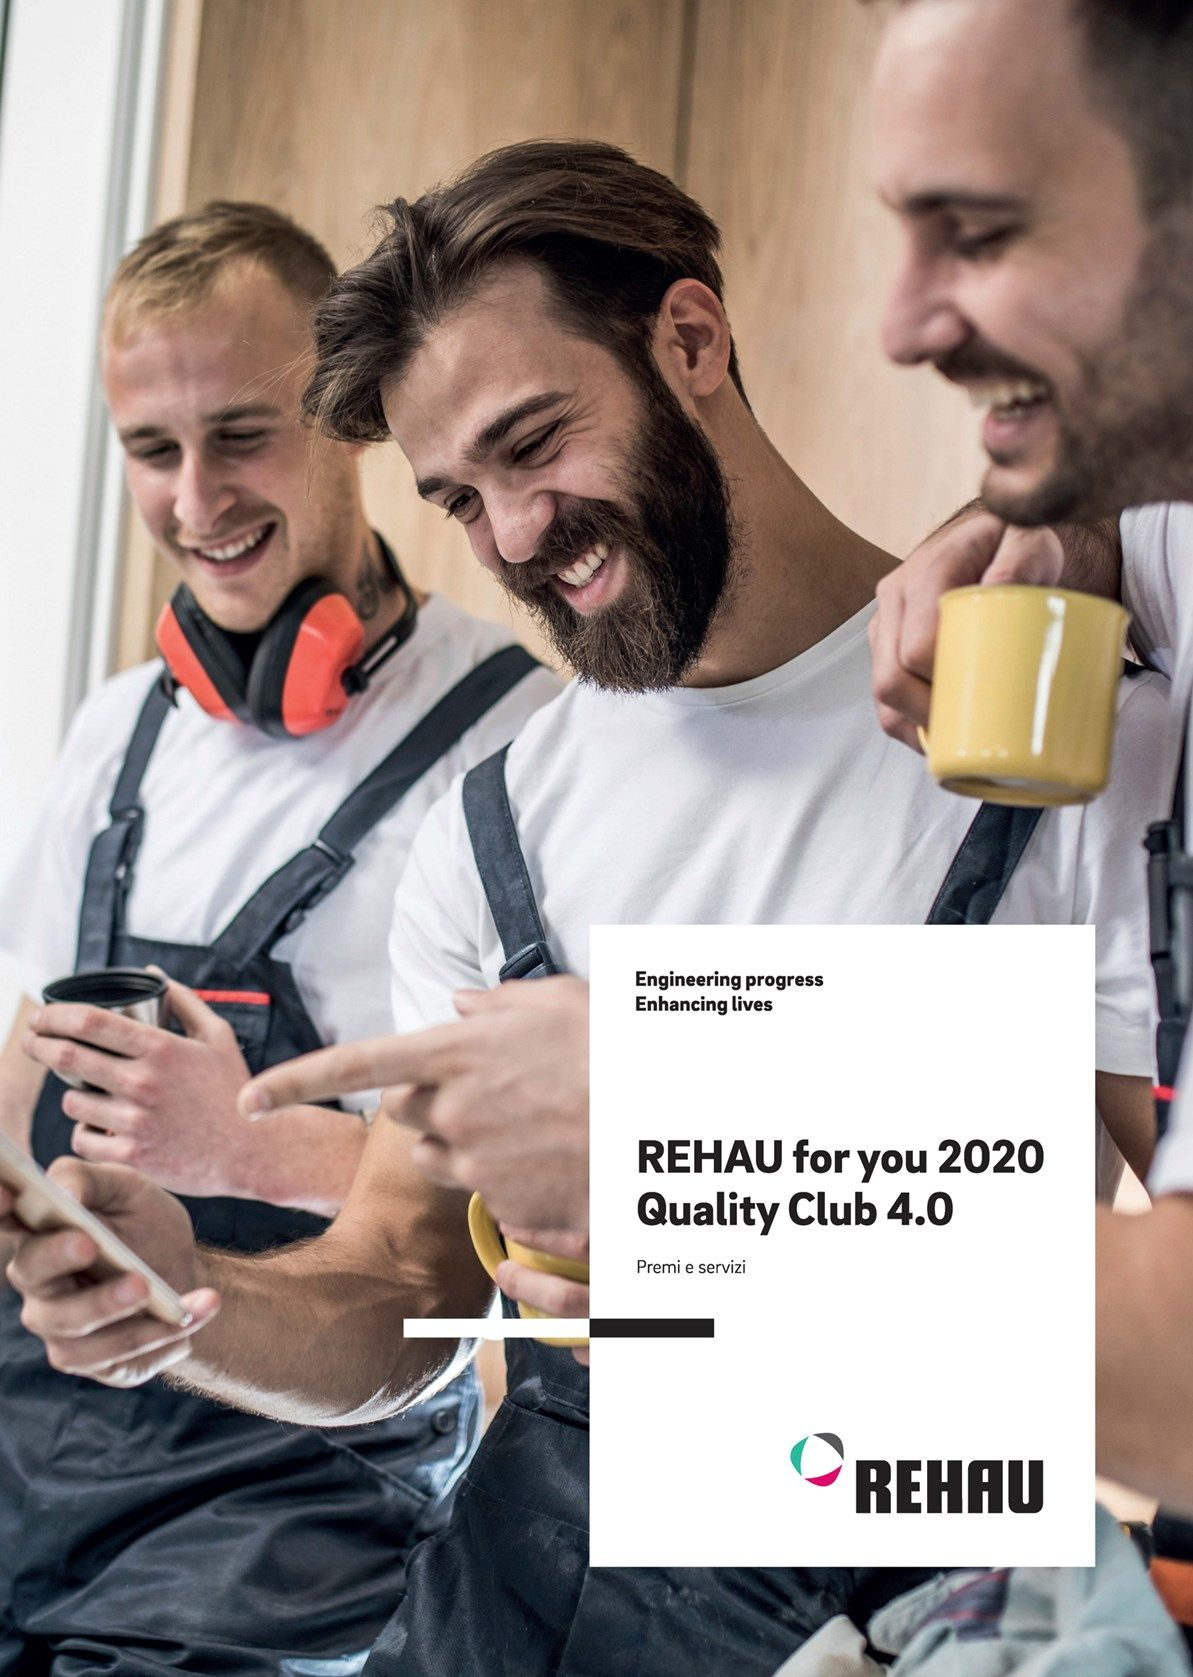 Con l'operazione REHAU For You 2020, nuovi premi esclusivi per gli installatori che scelgono REHAU